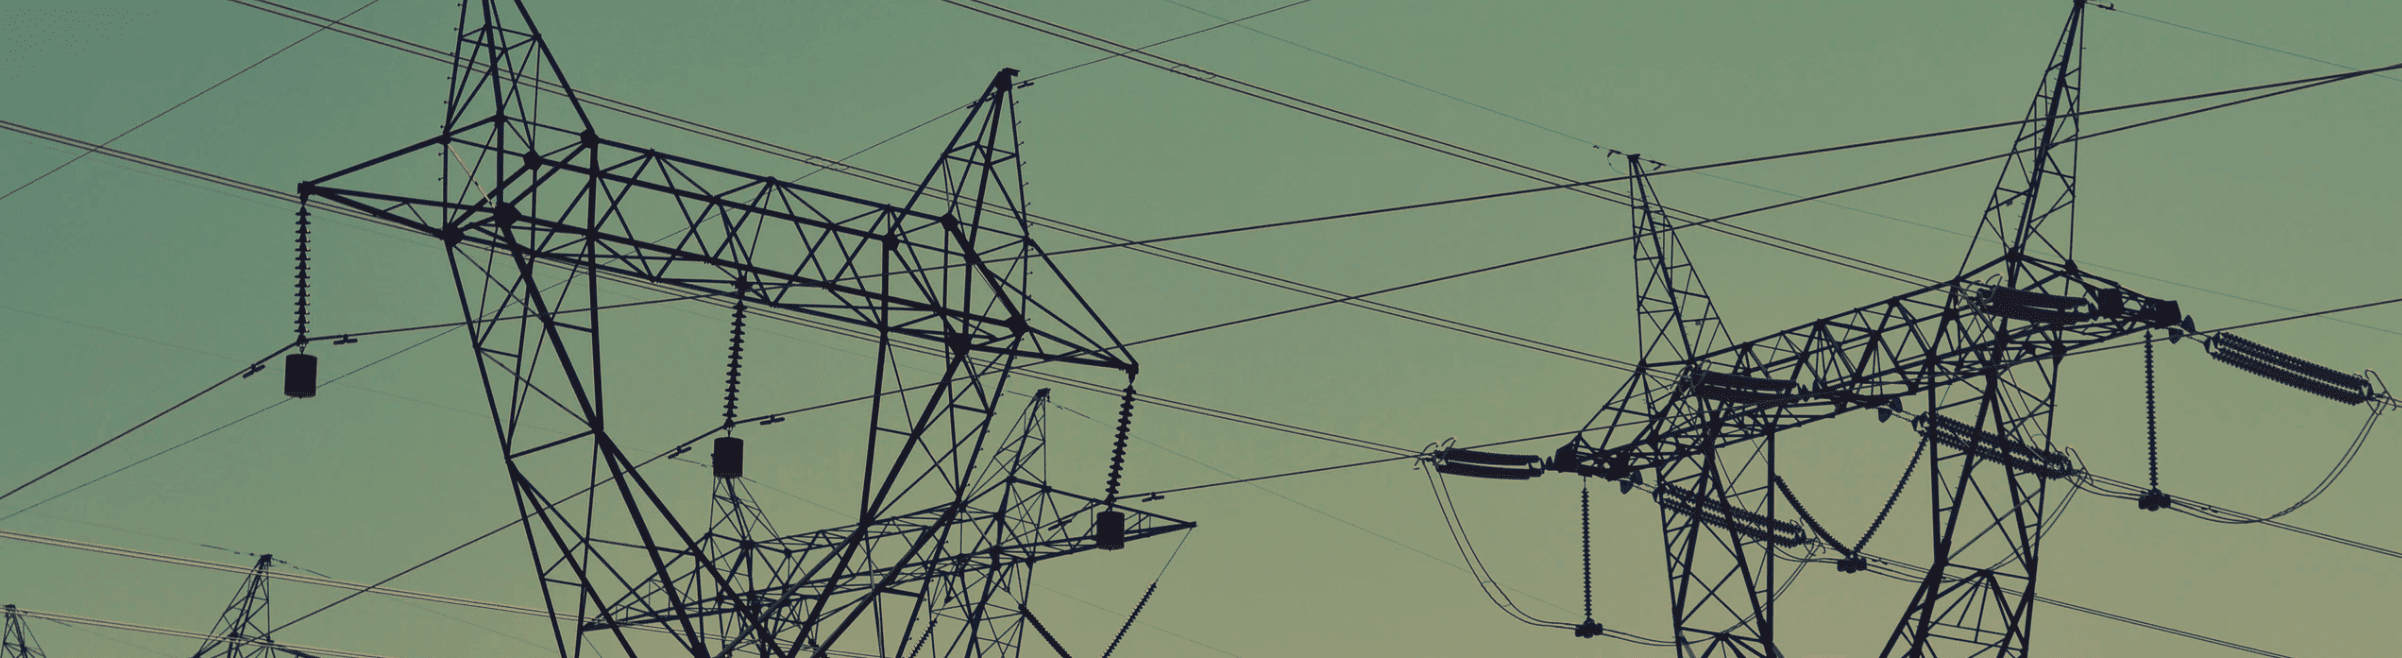 Größte Stromversorger Deutschland